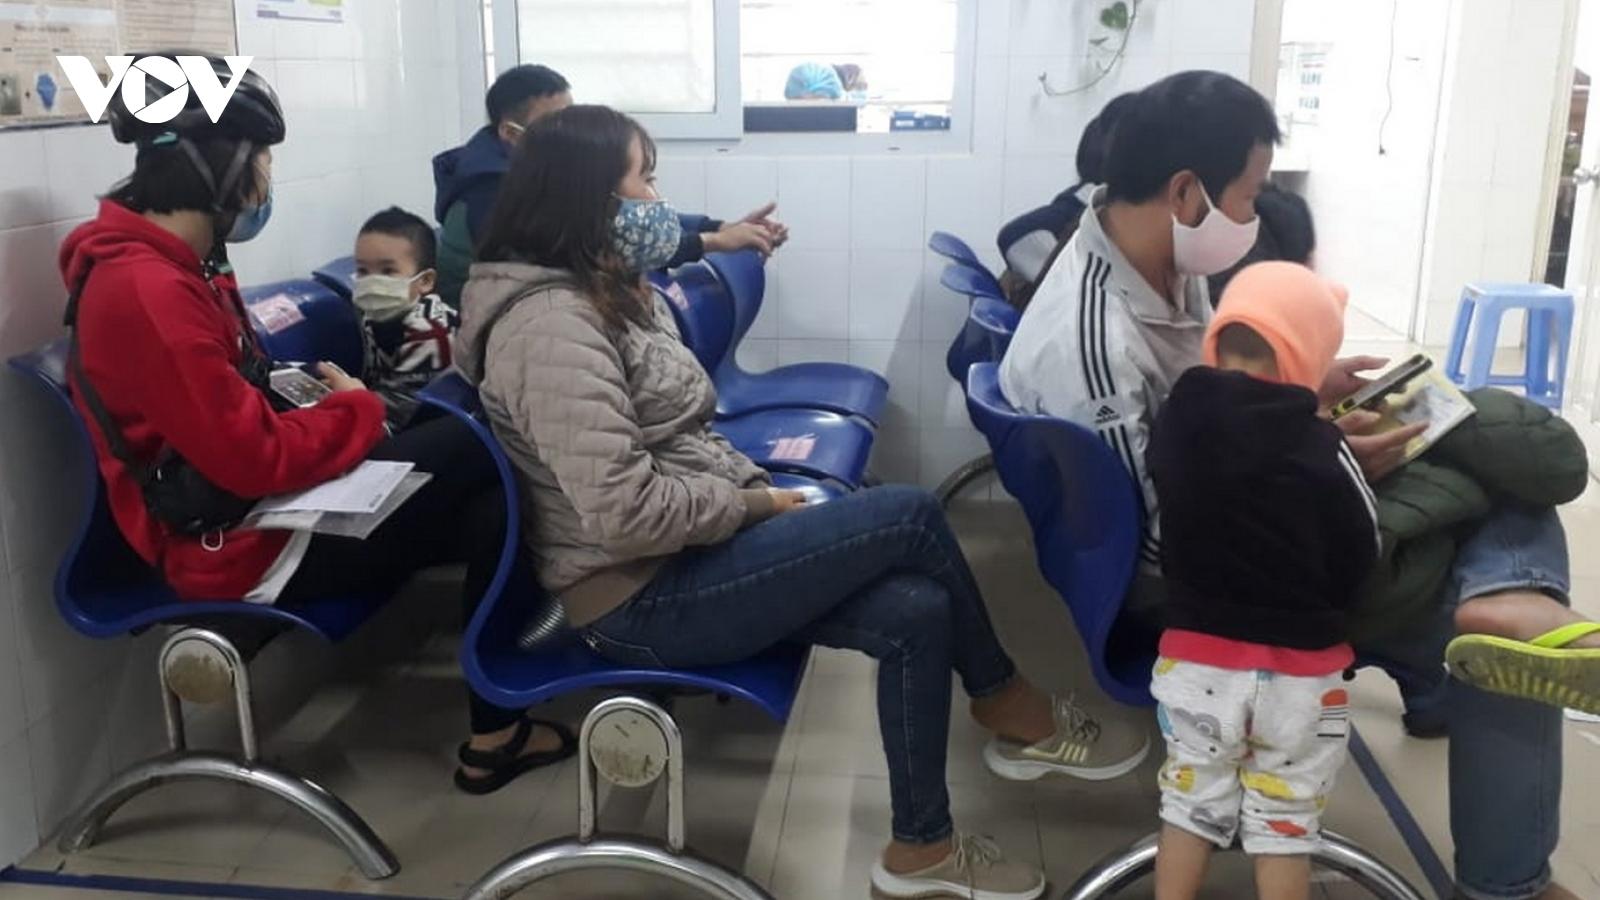 Thời tiết lạnh, nhiều trẻ nhỏ ở Đà Nẵng nhập viện vì bệnh đường hô hấp